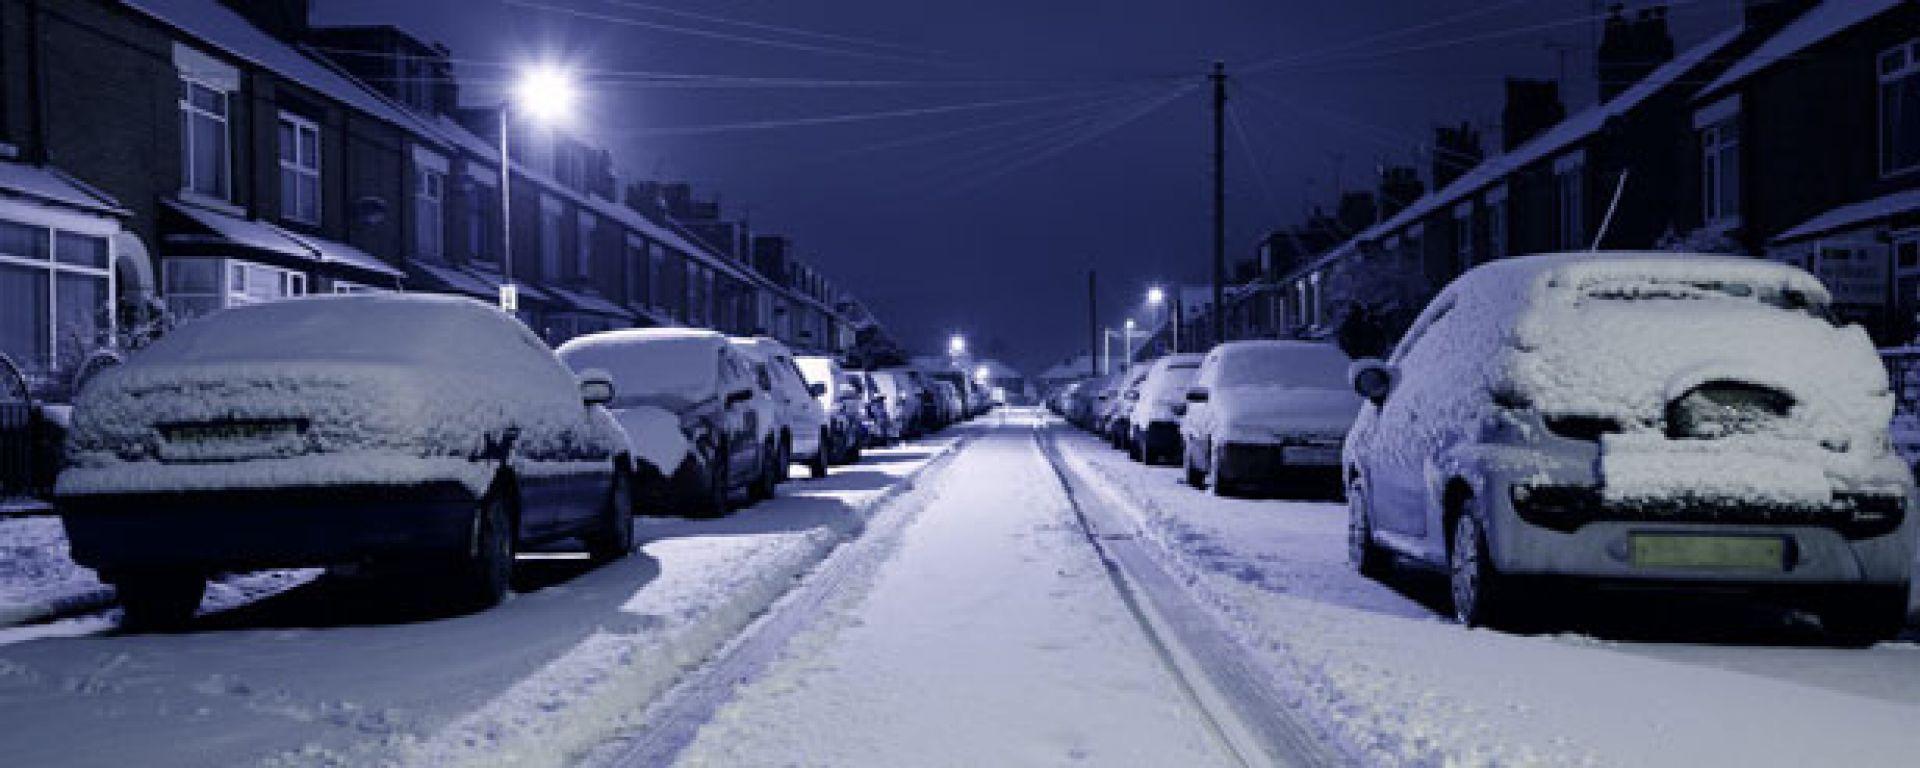 Arexons: i consigli per la manutenzione auto dopo le nevicate